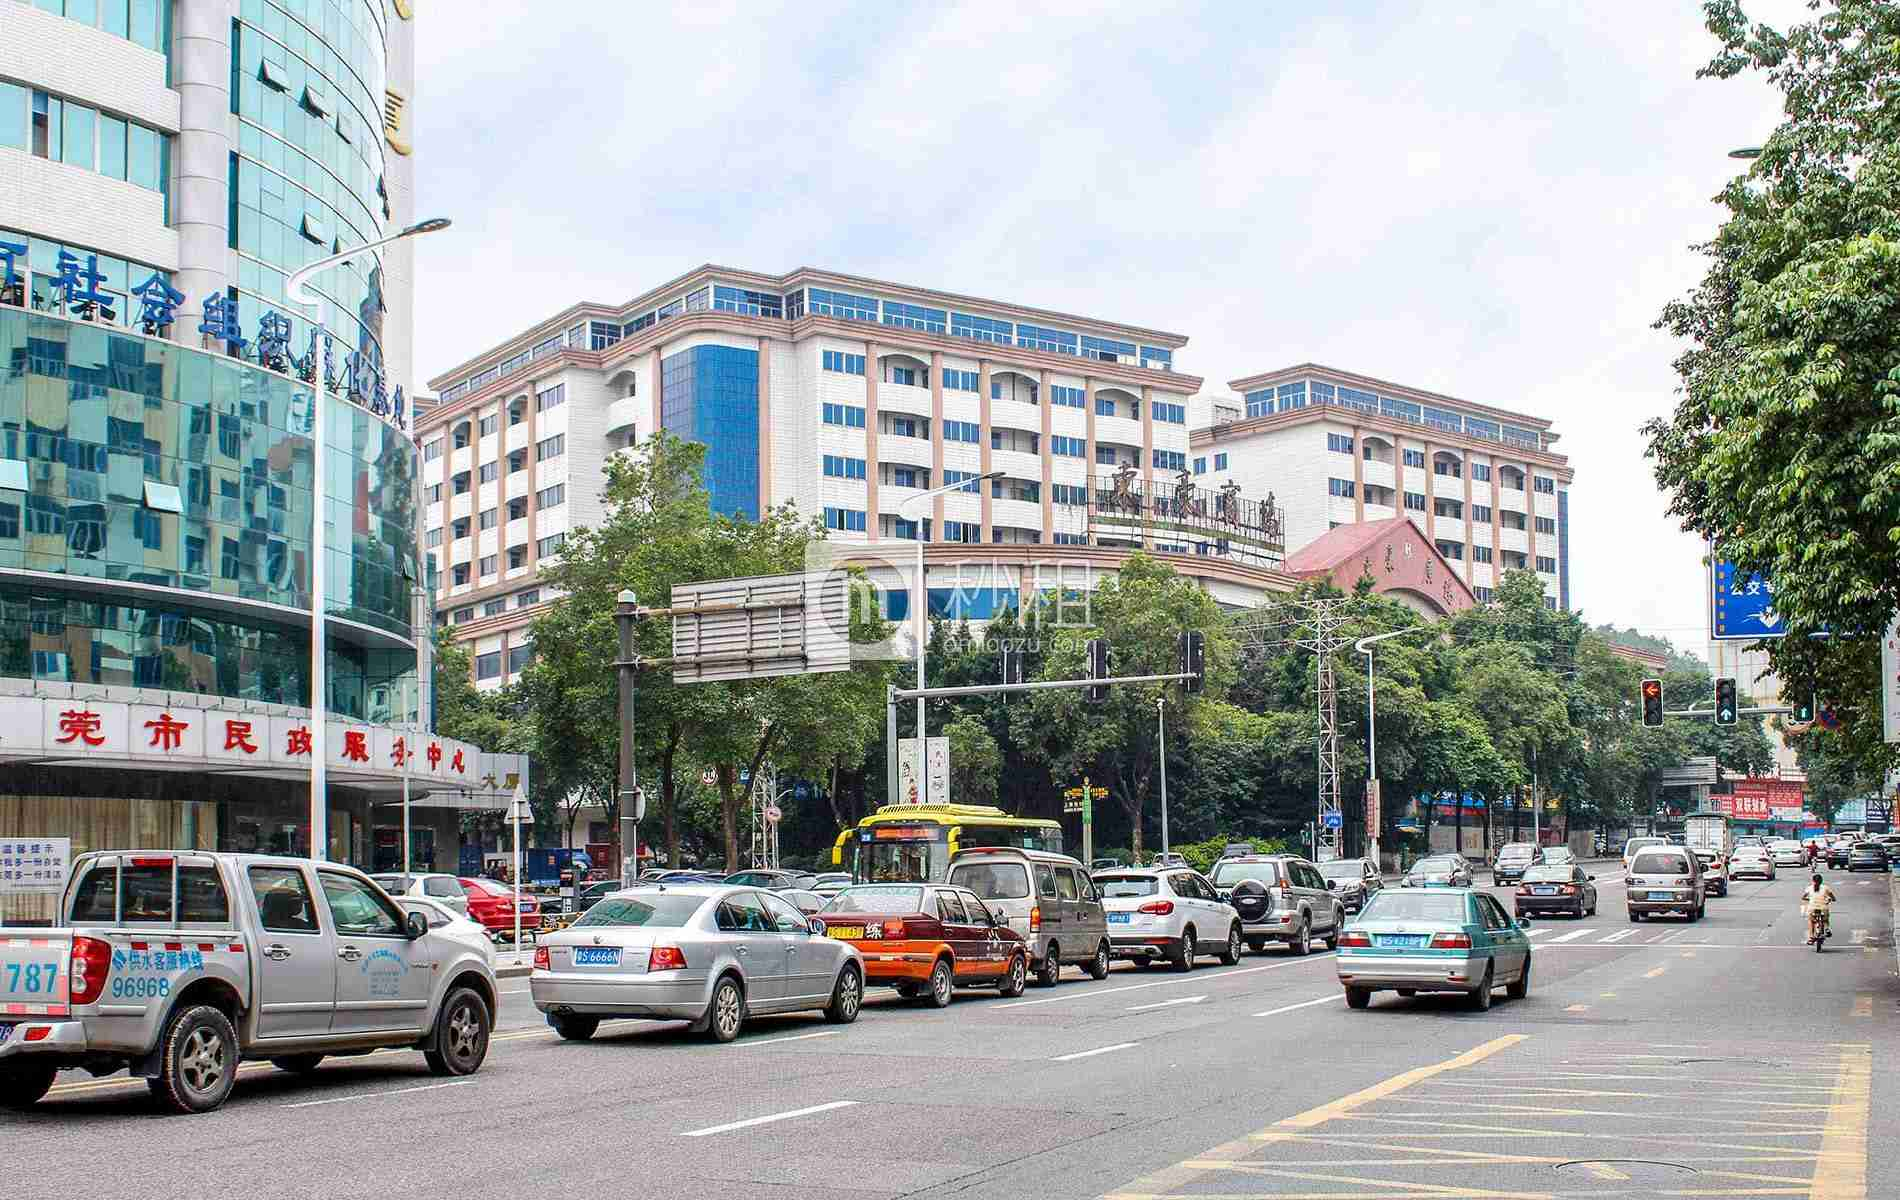 东豪广场写字楼出租/招租/租赁,东豪广场办公室出租/招租/租赁